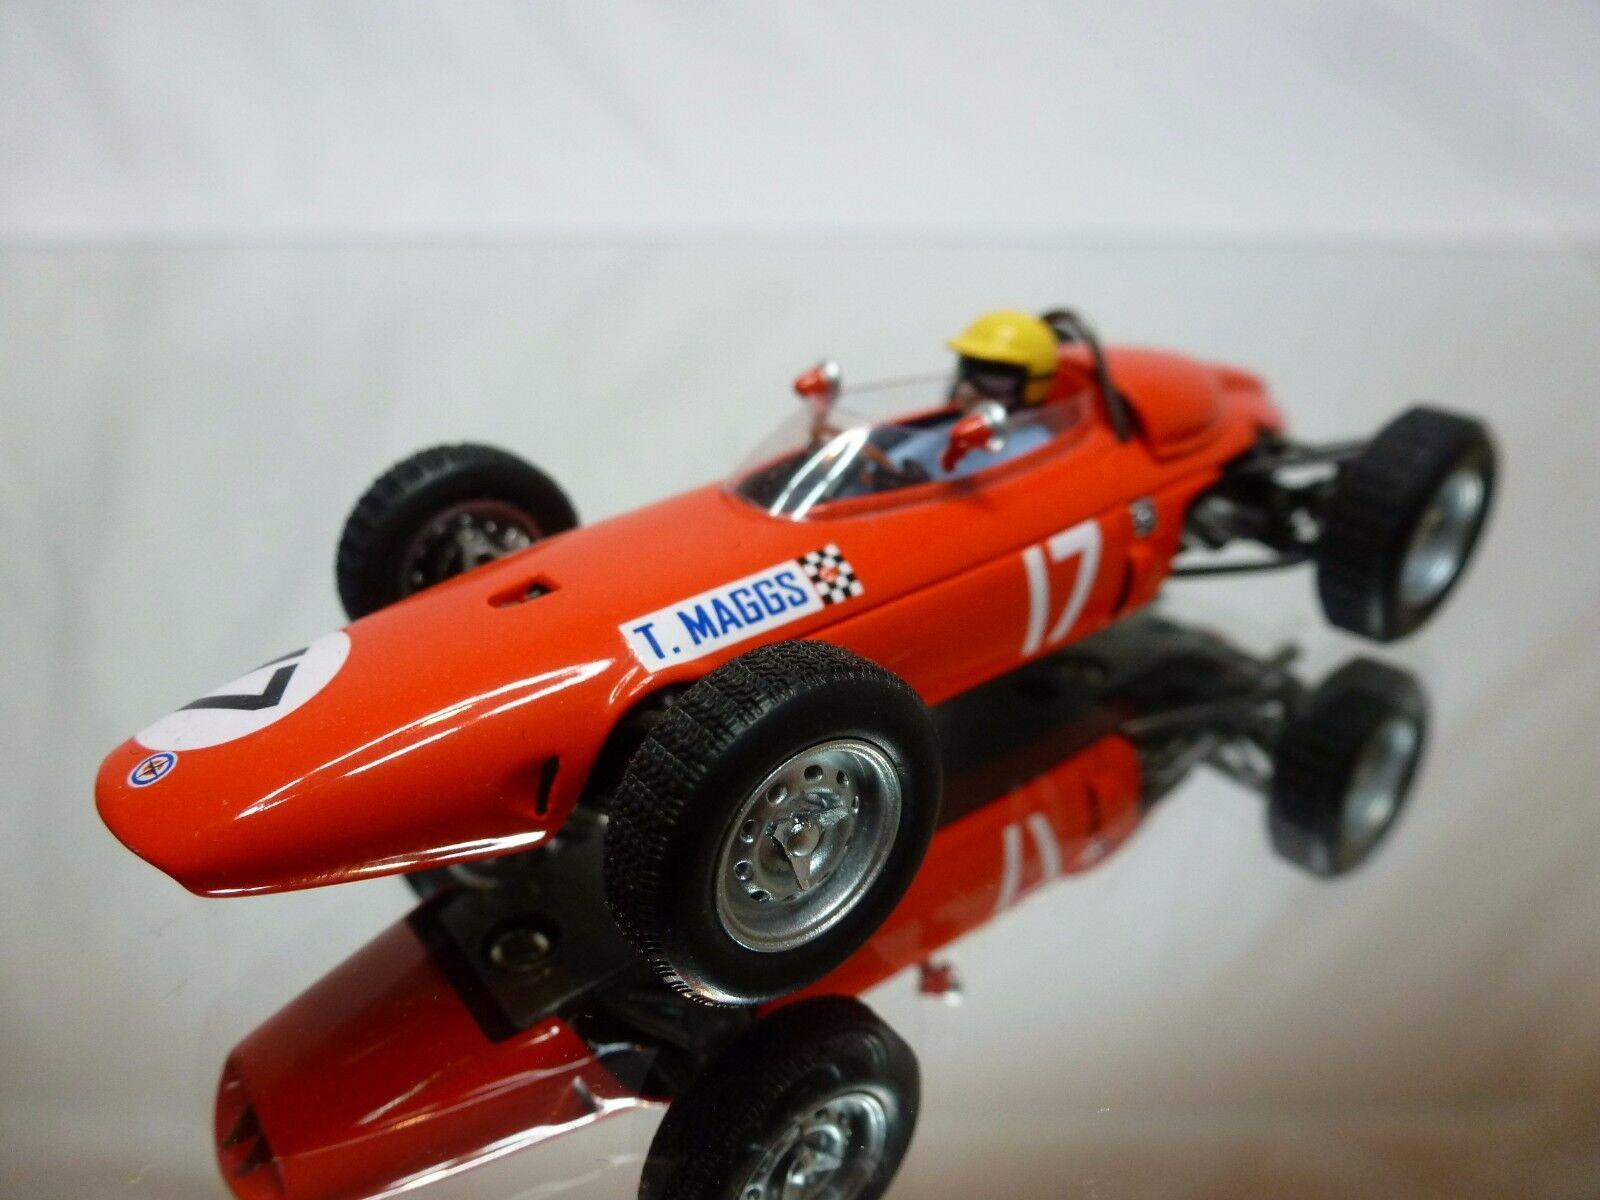 SPARK BRM P57 P57 P57 FORMULA RACE CAR - TONY MAGGS No 17 - F1 orange RED 1 43 - GOOD 9673e5